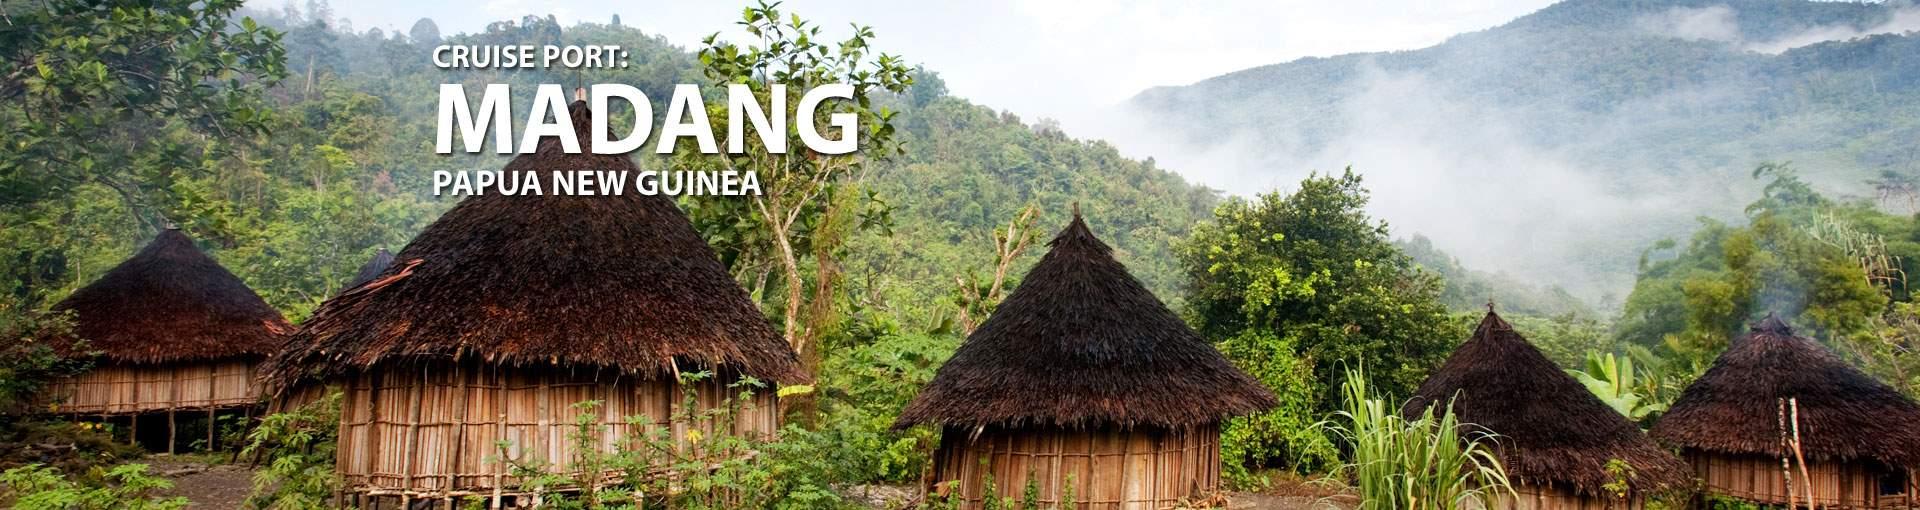 Cruises to Madang, Papua New Guinea